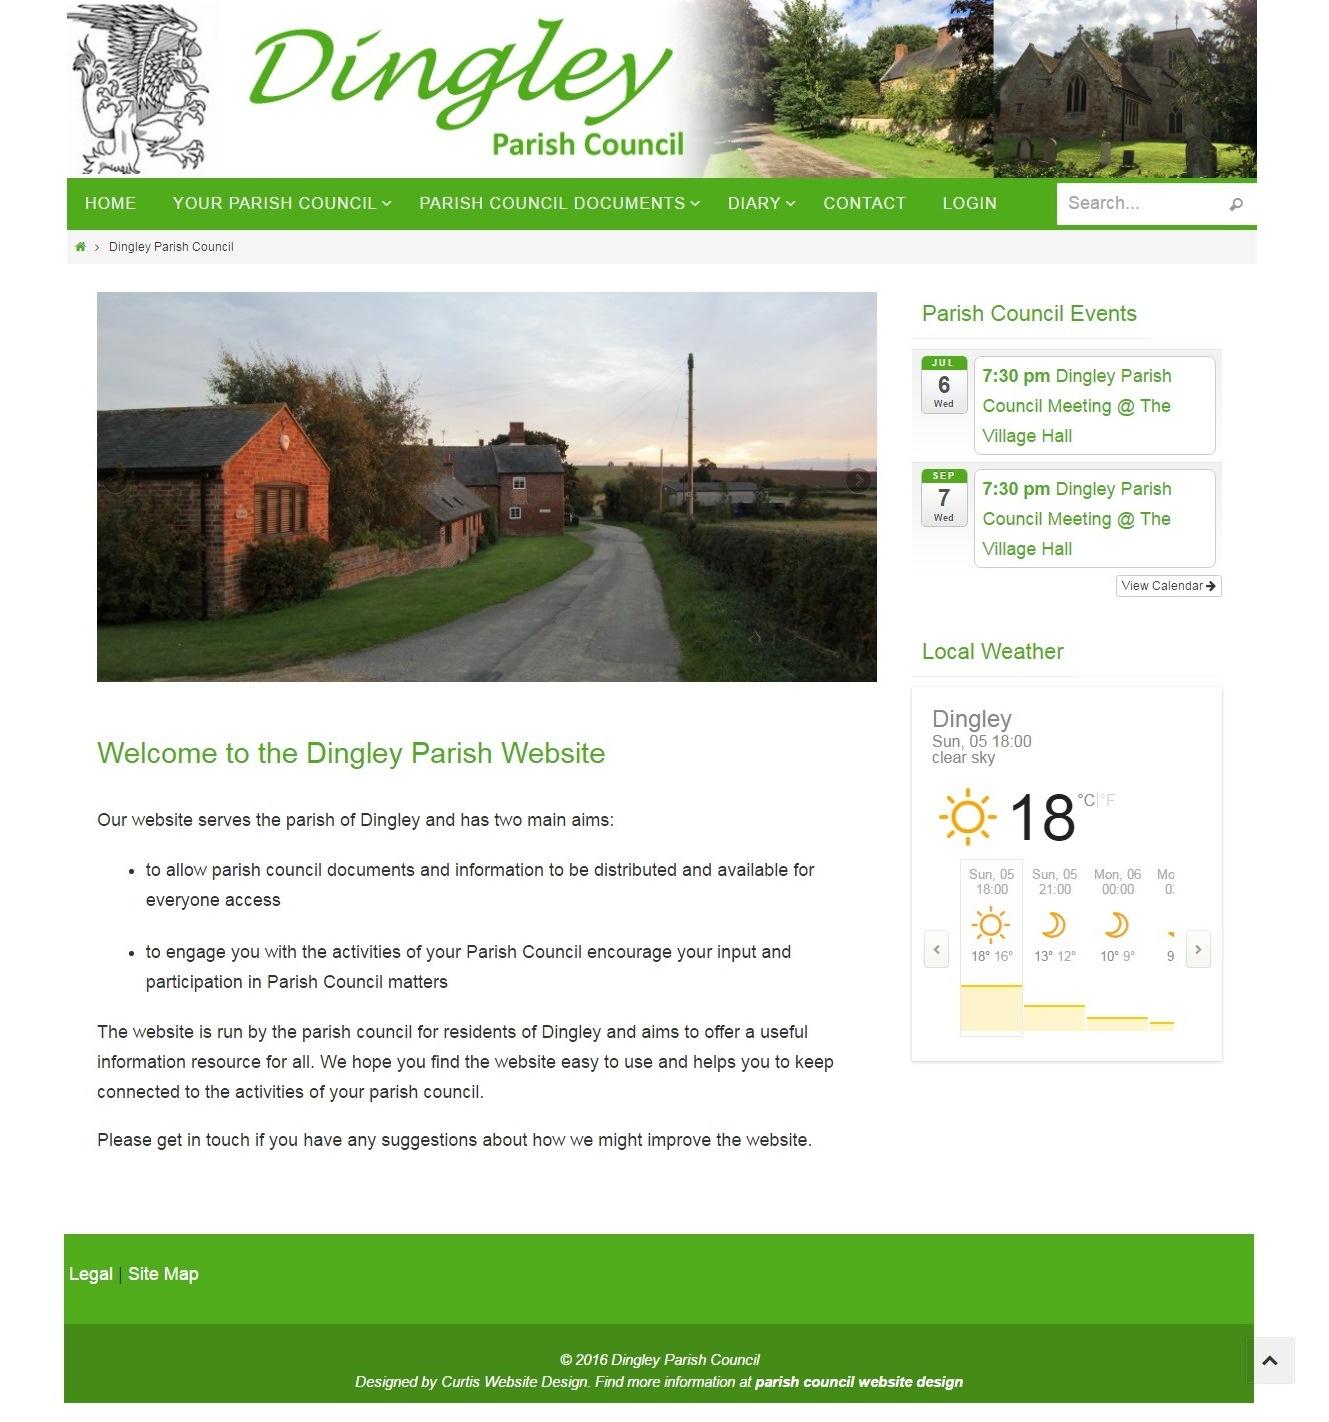 parish council website designer